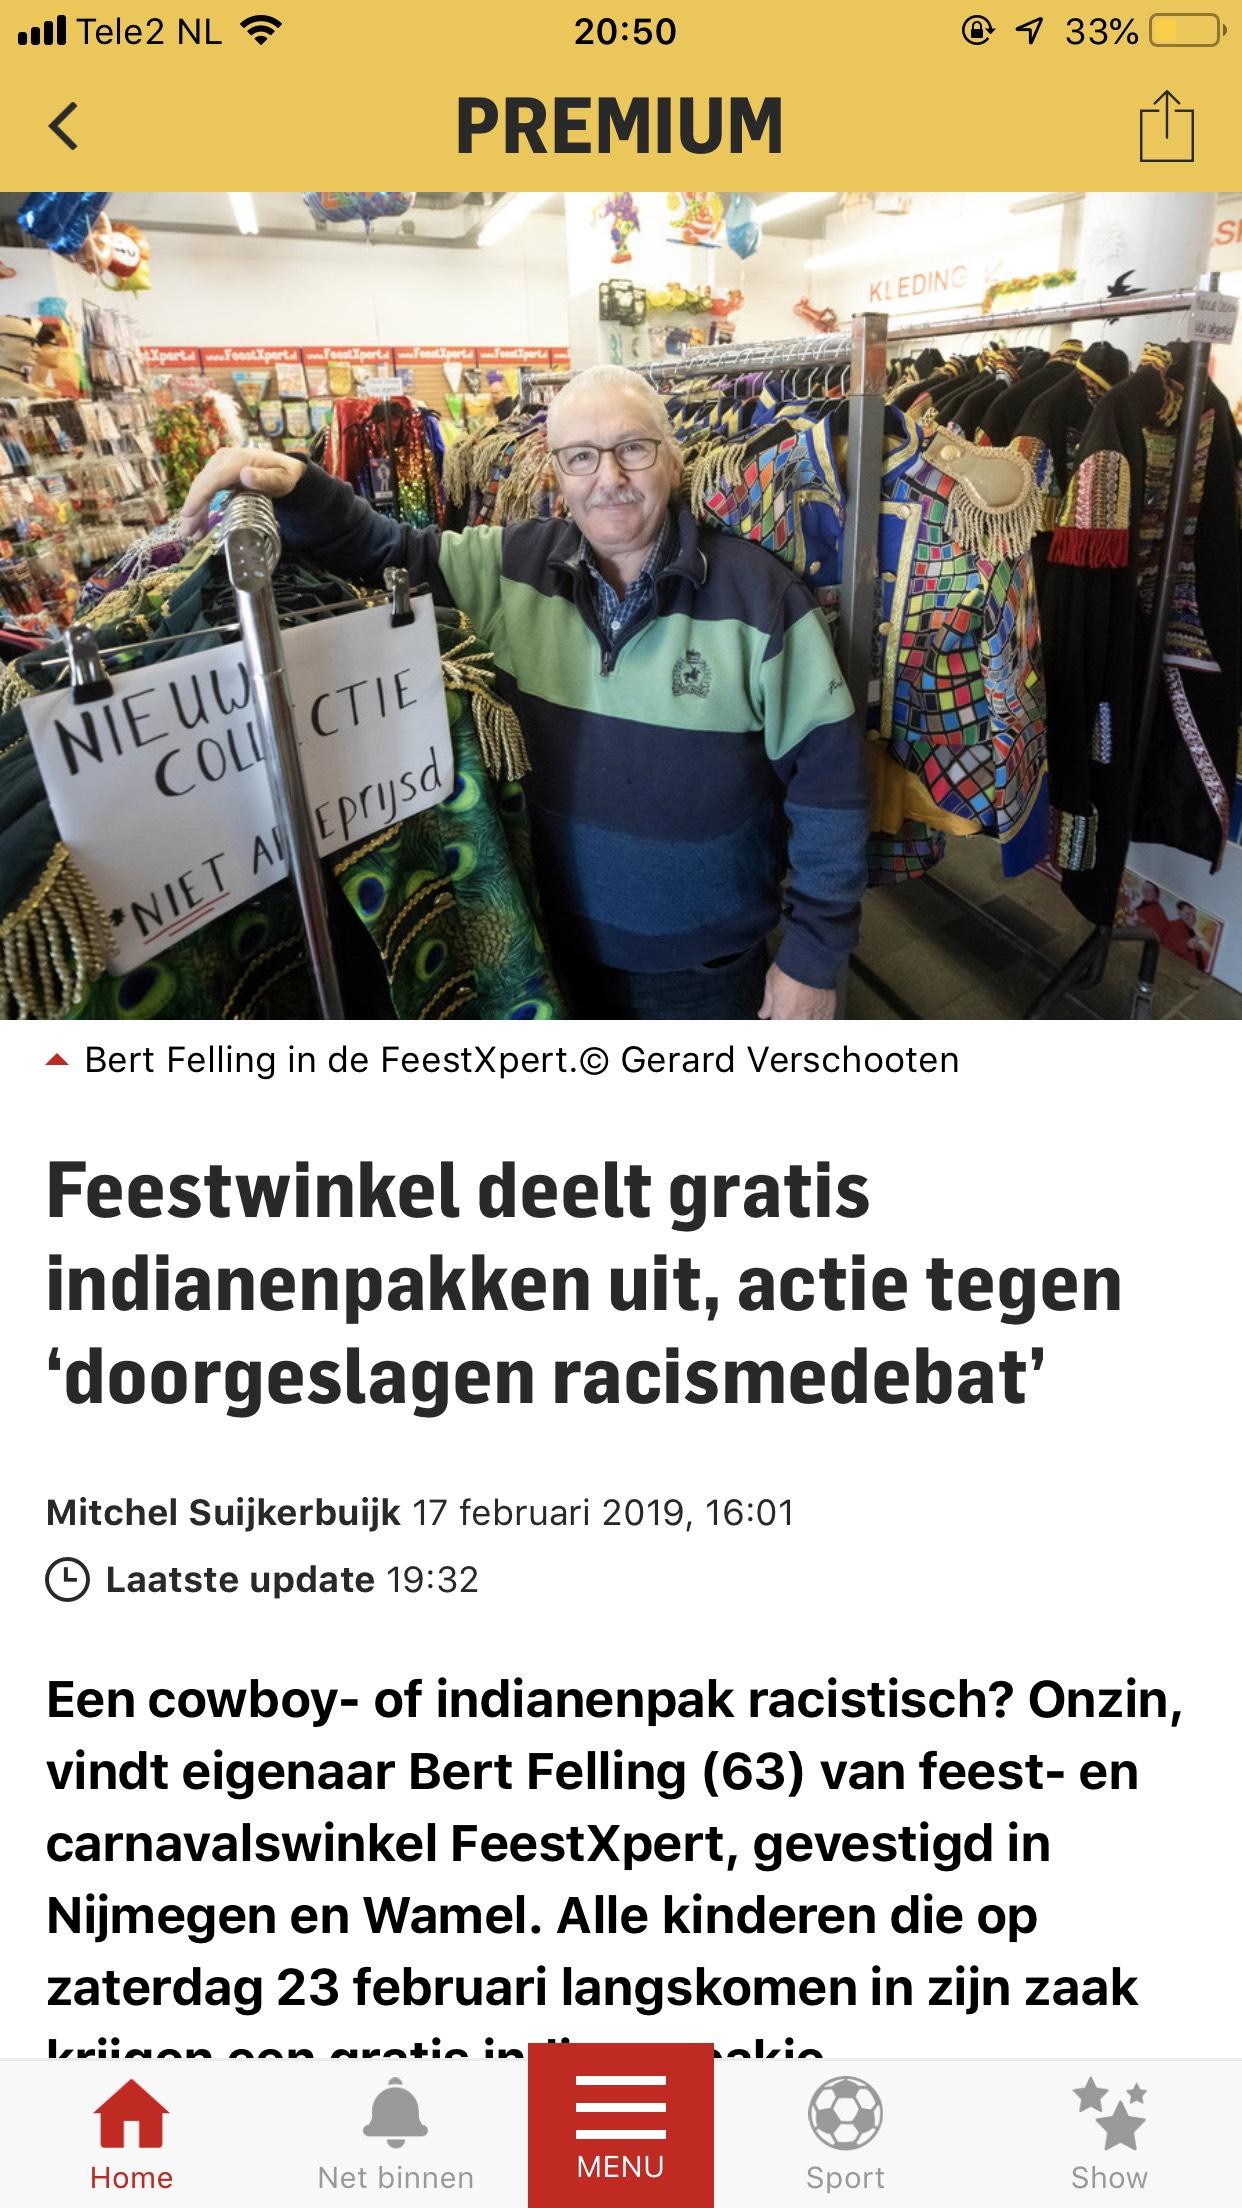 (LOKAAL) 23/2 kinderen krijgen gratis indianen pakje @ nijmegen en wamel